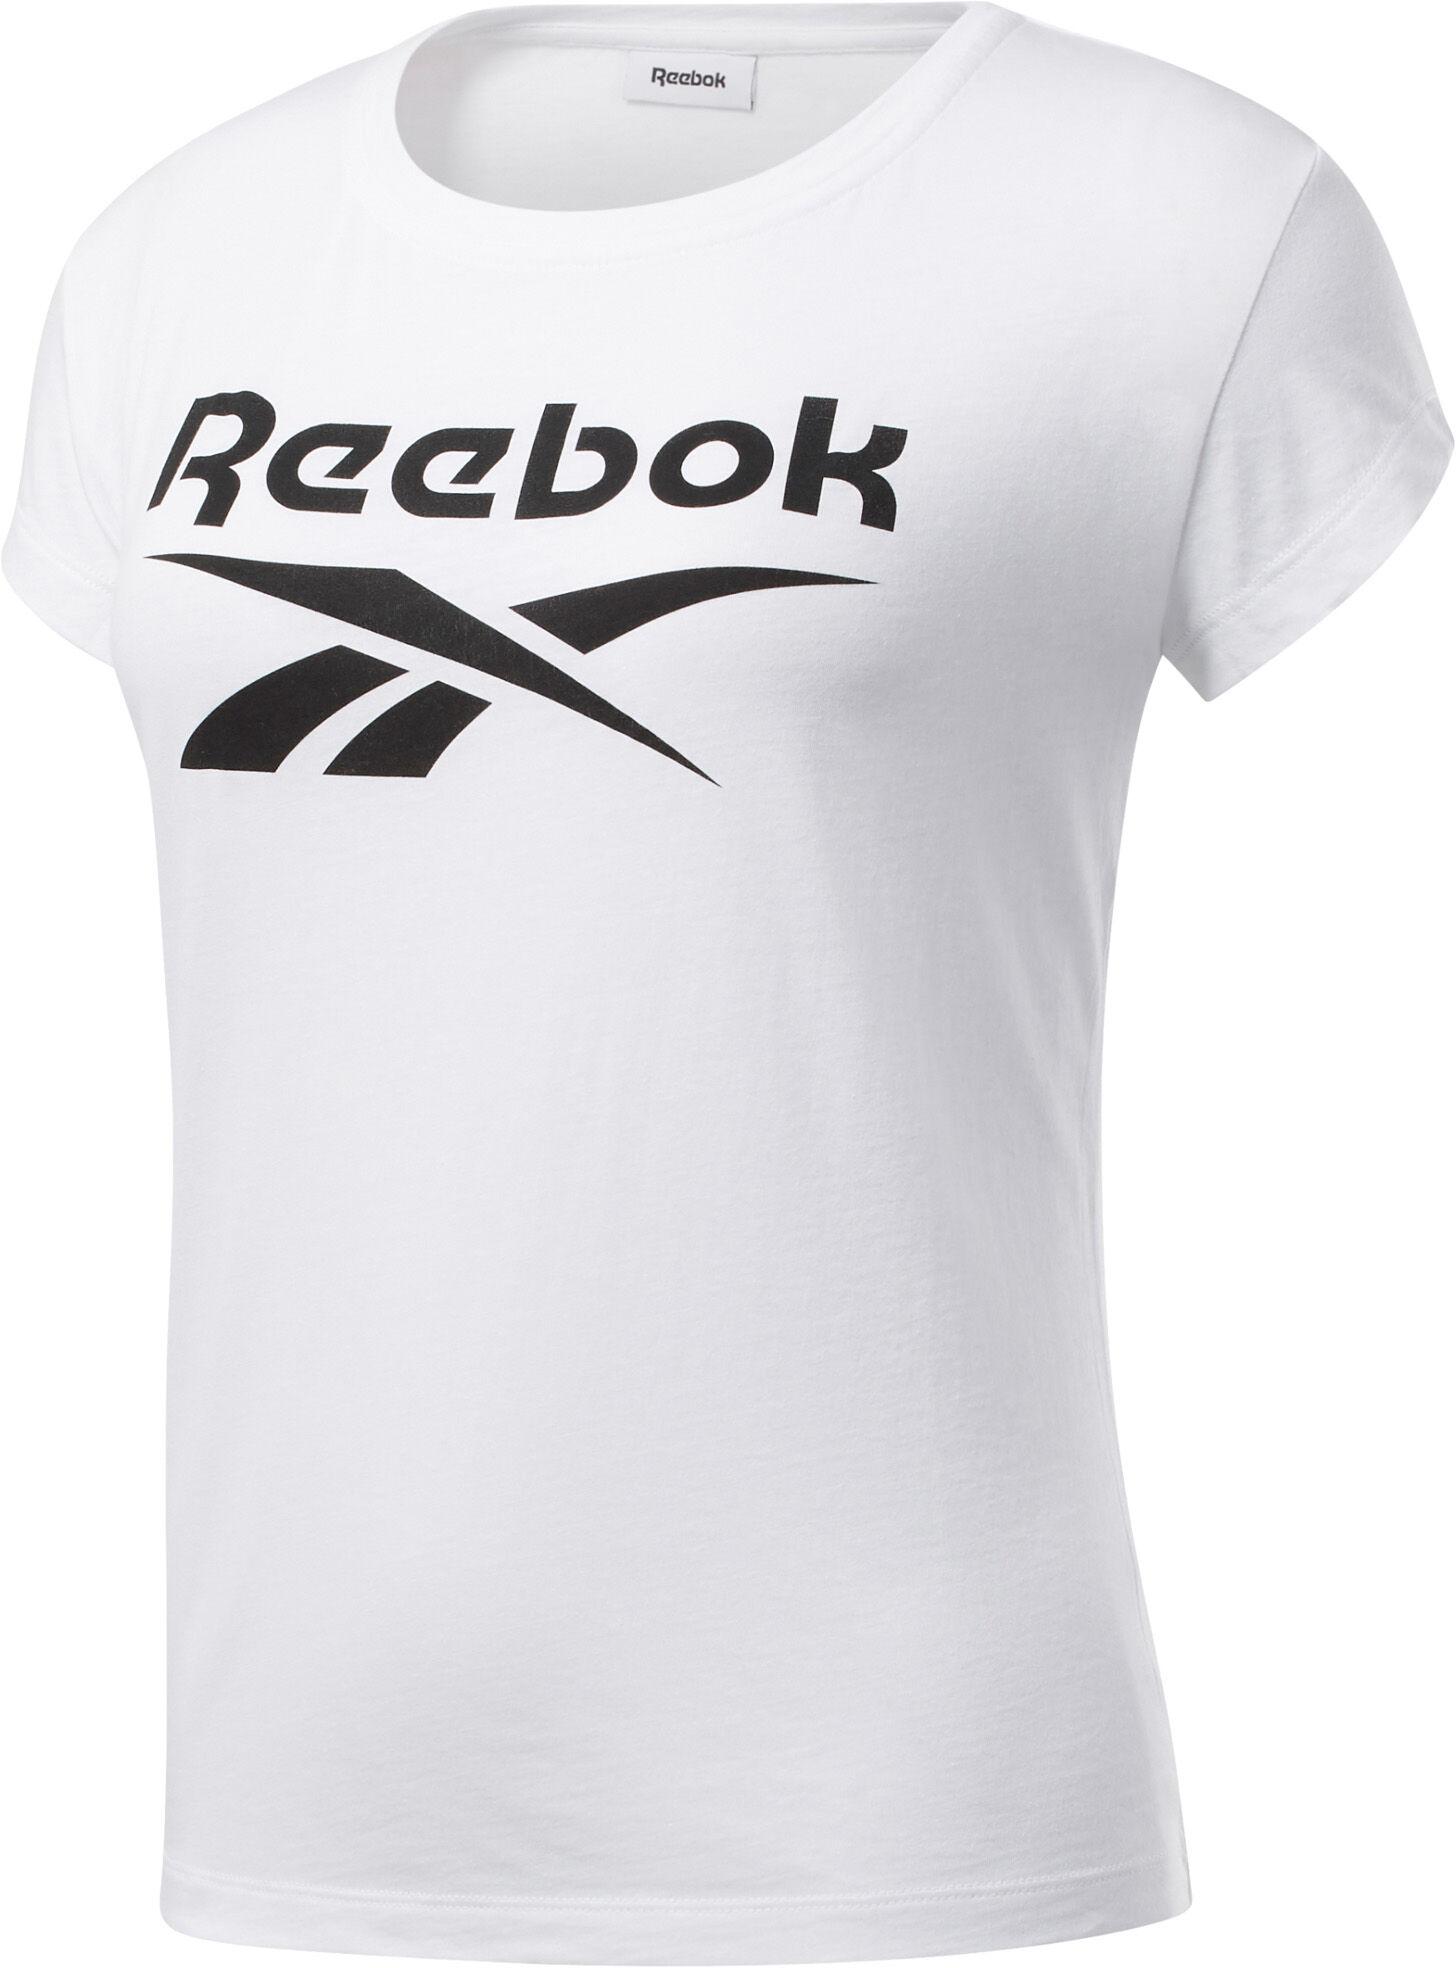 Fitness t shirts til damer | Stort udvalg online INTERSPORT.dk